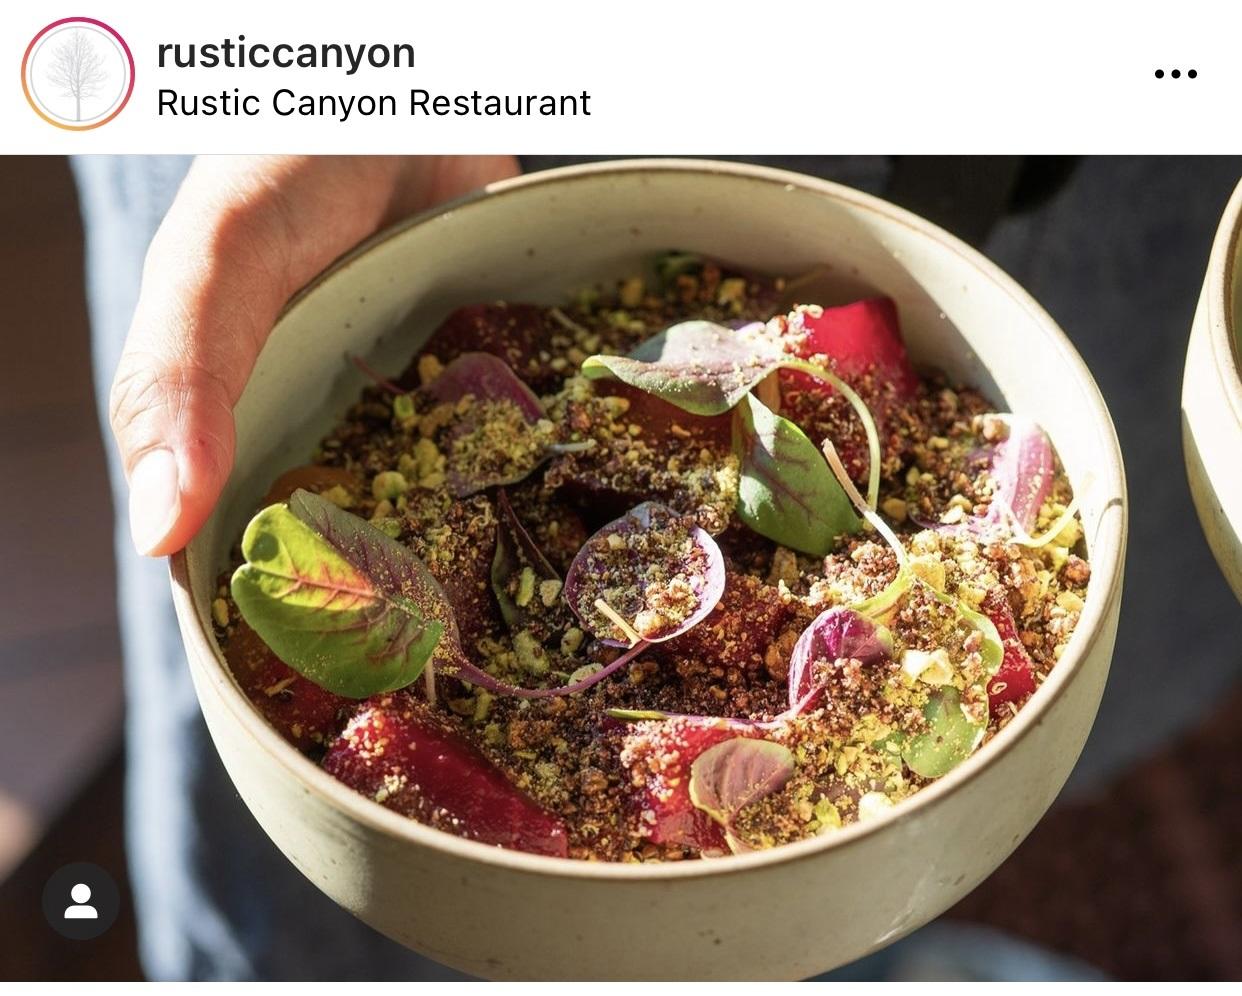 Rustic Canyon quinoa bowl Instagram post